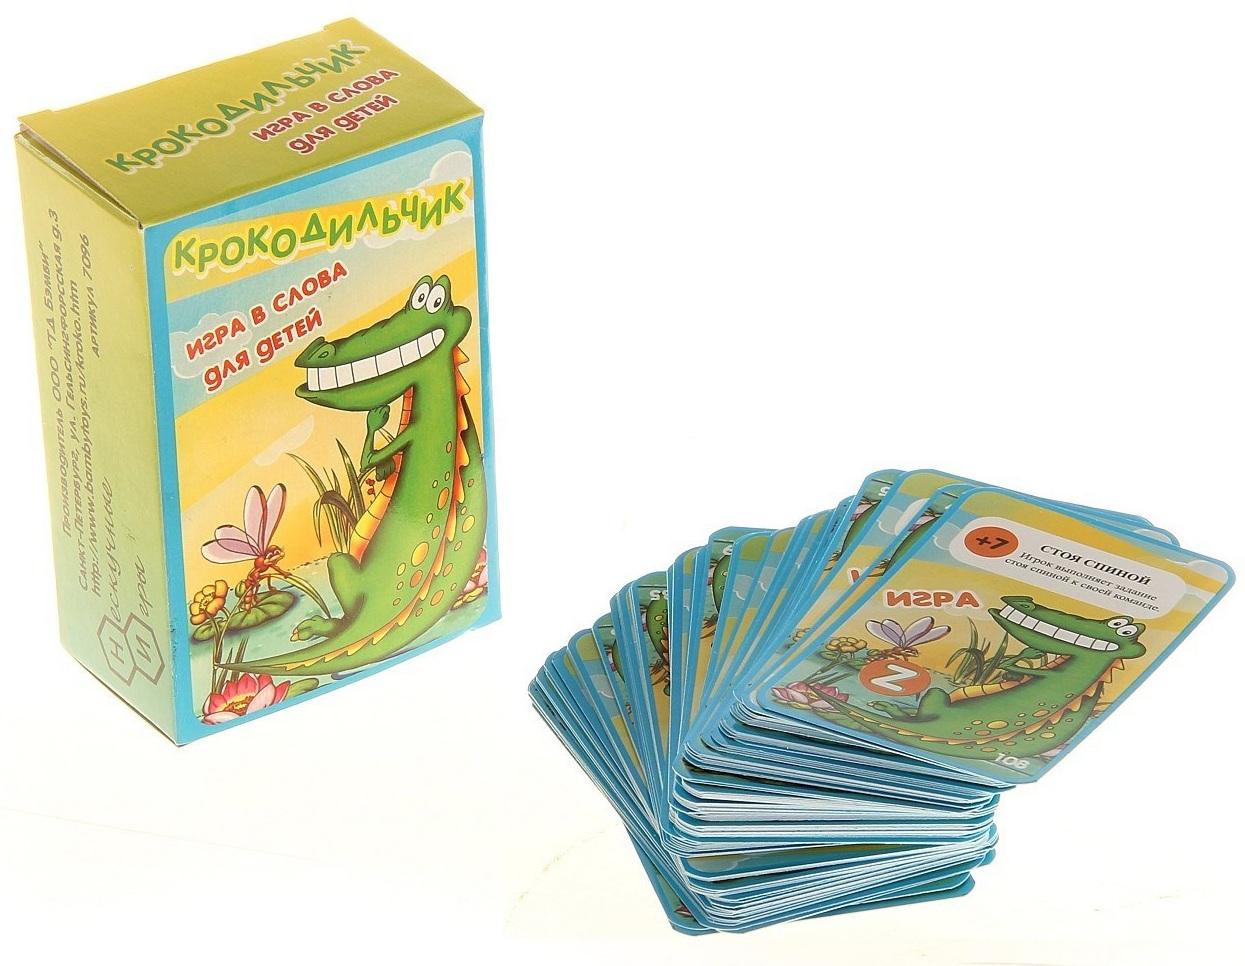 Игра в слова для детей – КрокодильчикРазвивающие<br>Игра в слова для детей – Крокодильчик<br>